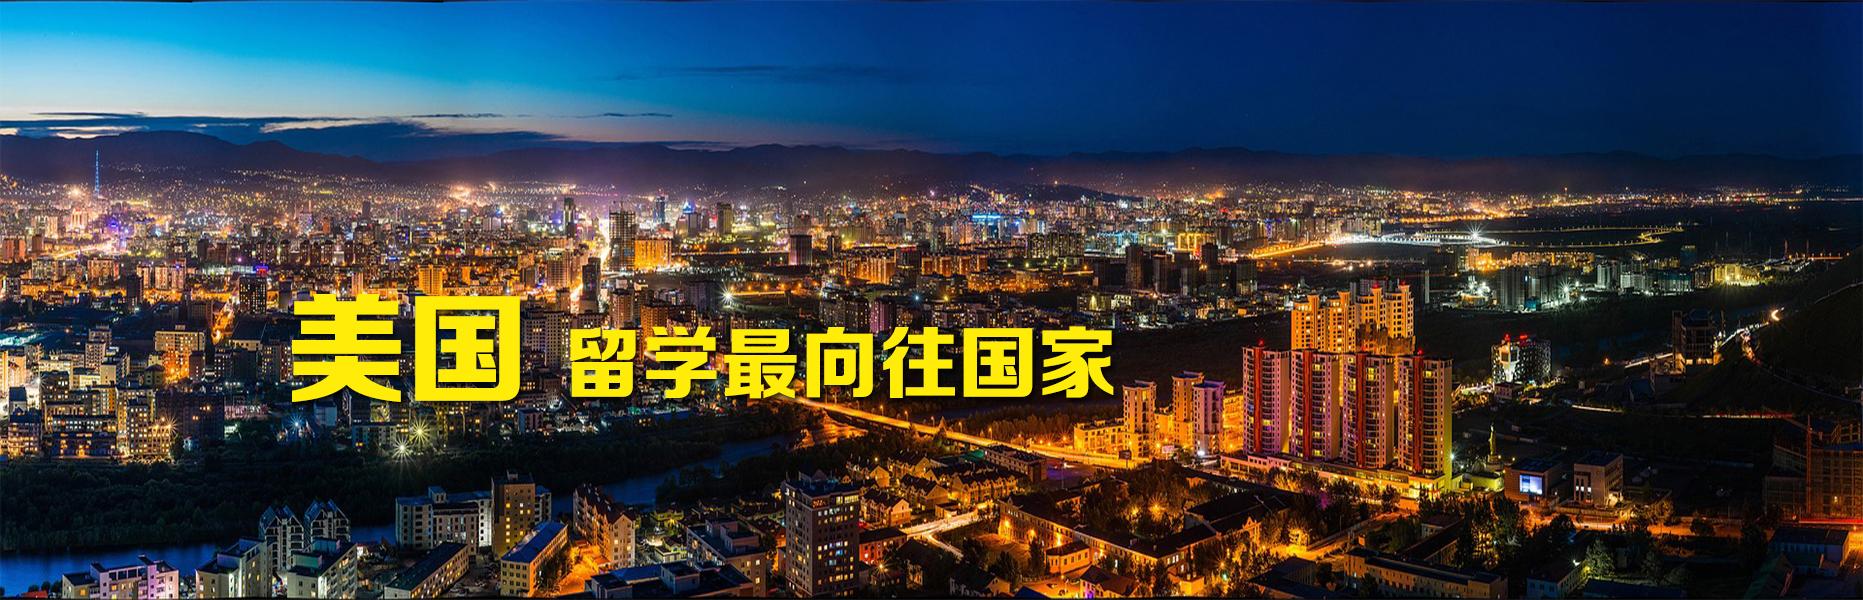 雷火电竞官方app下载国家banner-美国